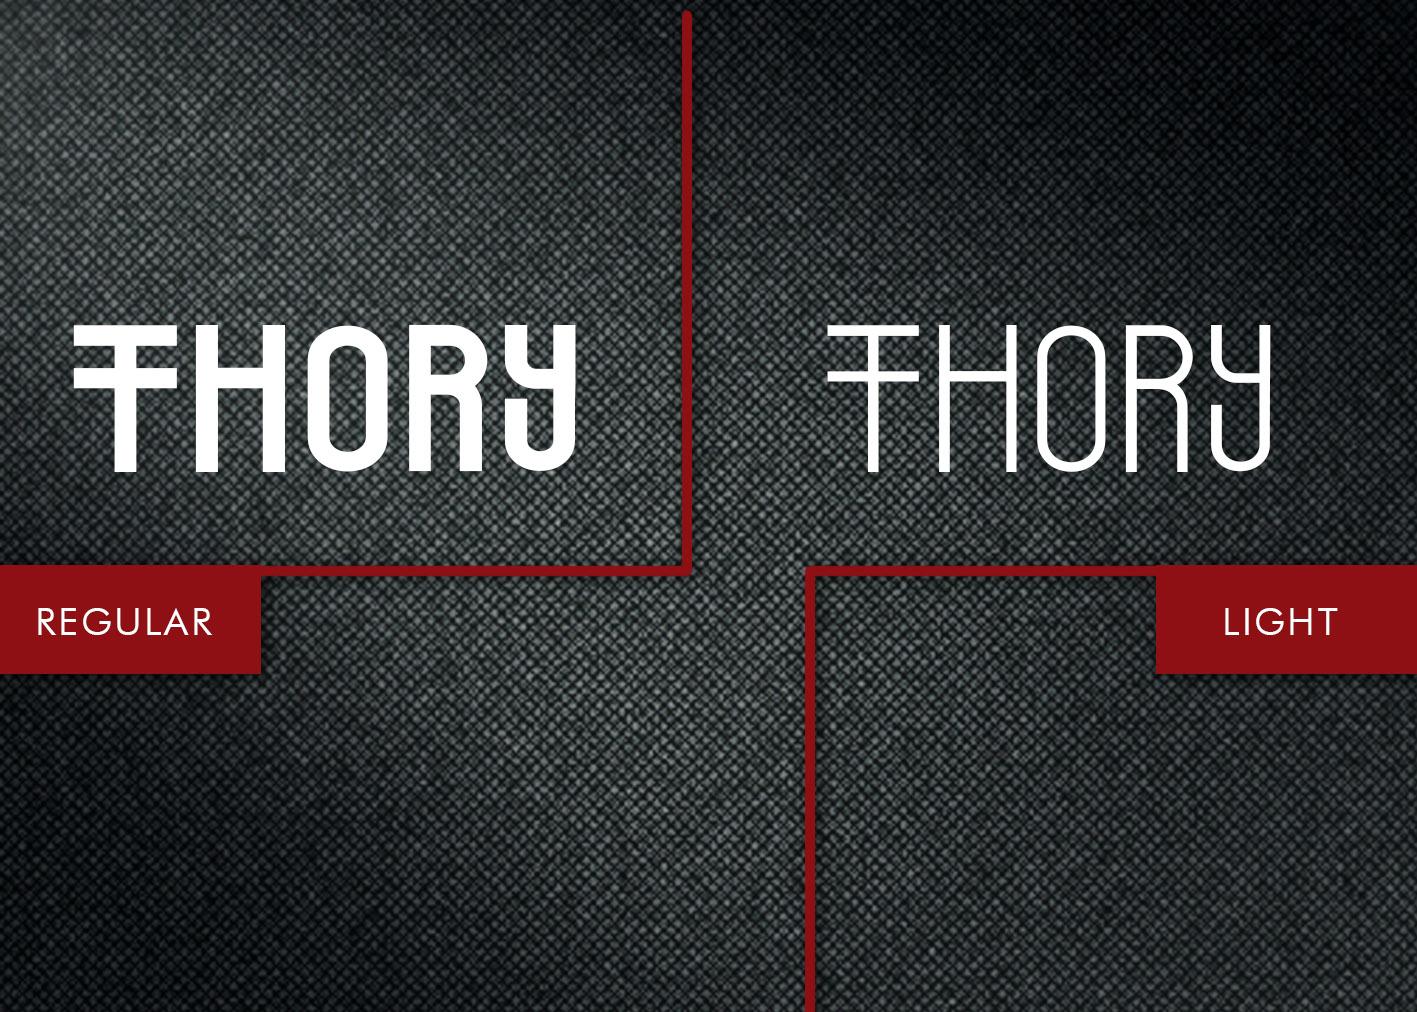 Thory Typeface example image 8